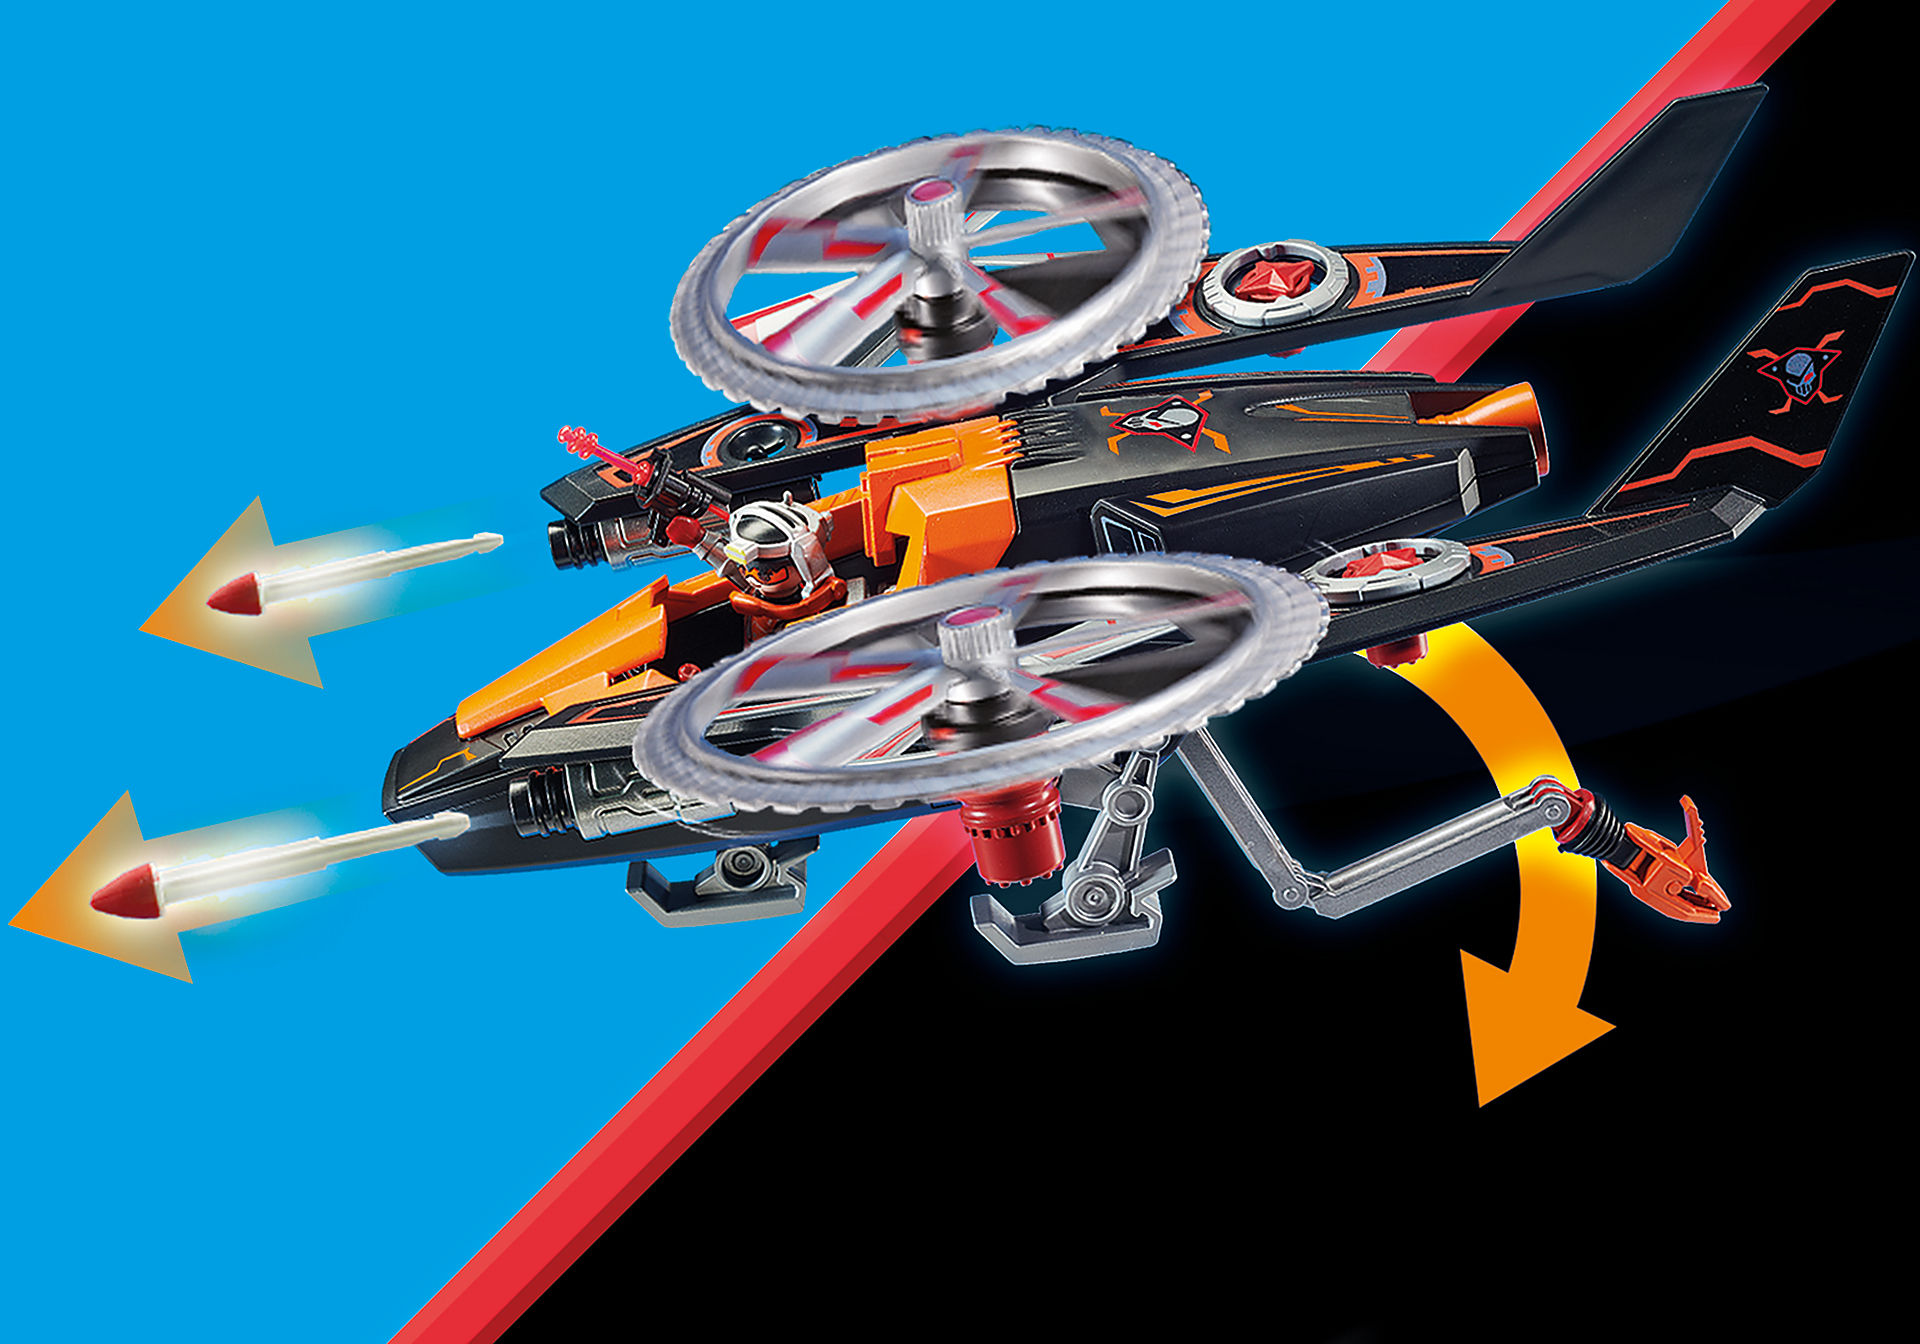 70023 Űrkalózok - Helikopter zoom image8